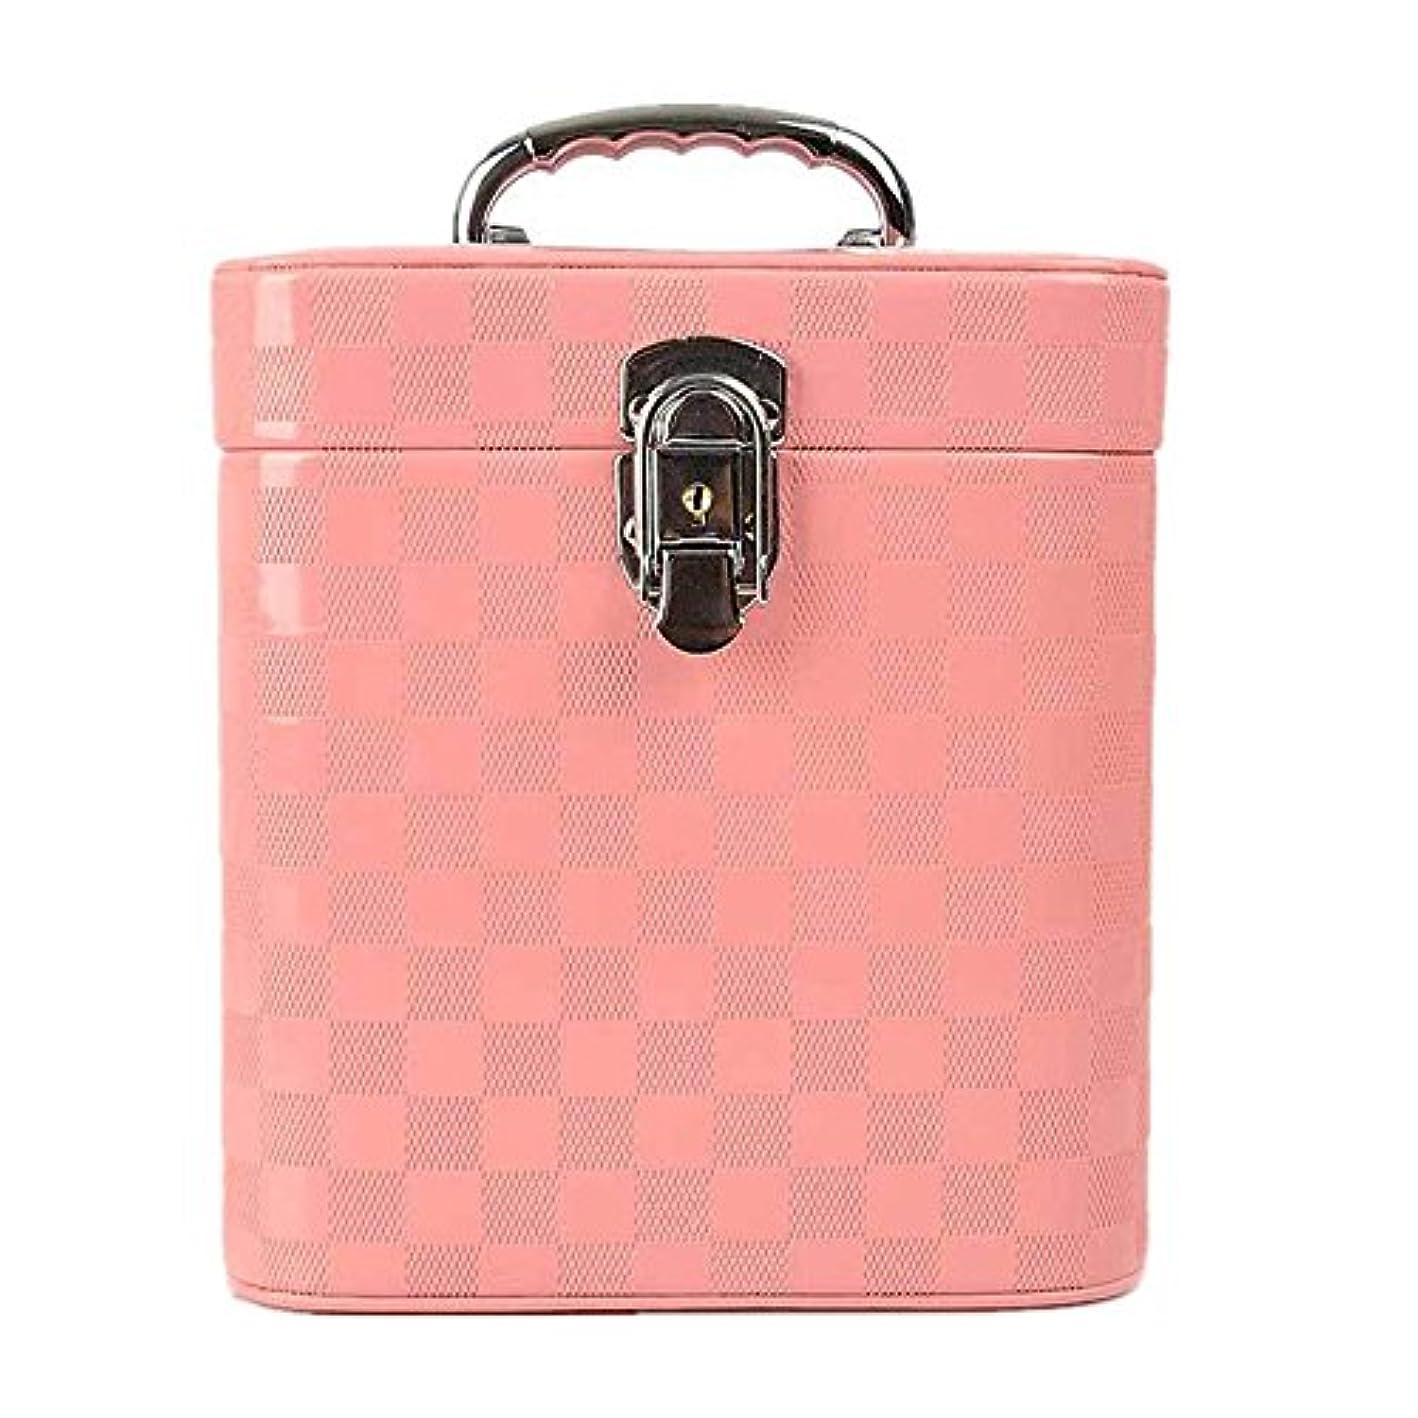 状態藤色提案する特大スペース収納ビューティーボックス 女の子の女性旅行のための新しく、実用的な携帯用化粧箱およびロックおよび皿が付いている毎日の貯蔵 化粧品化粧台